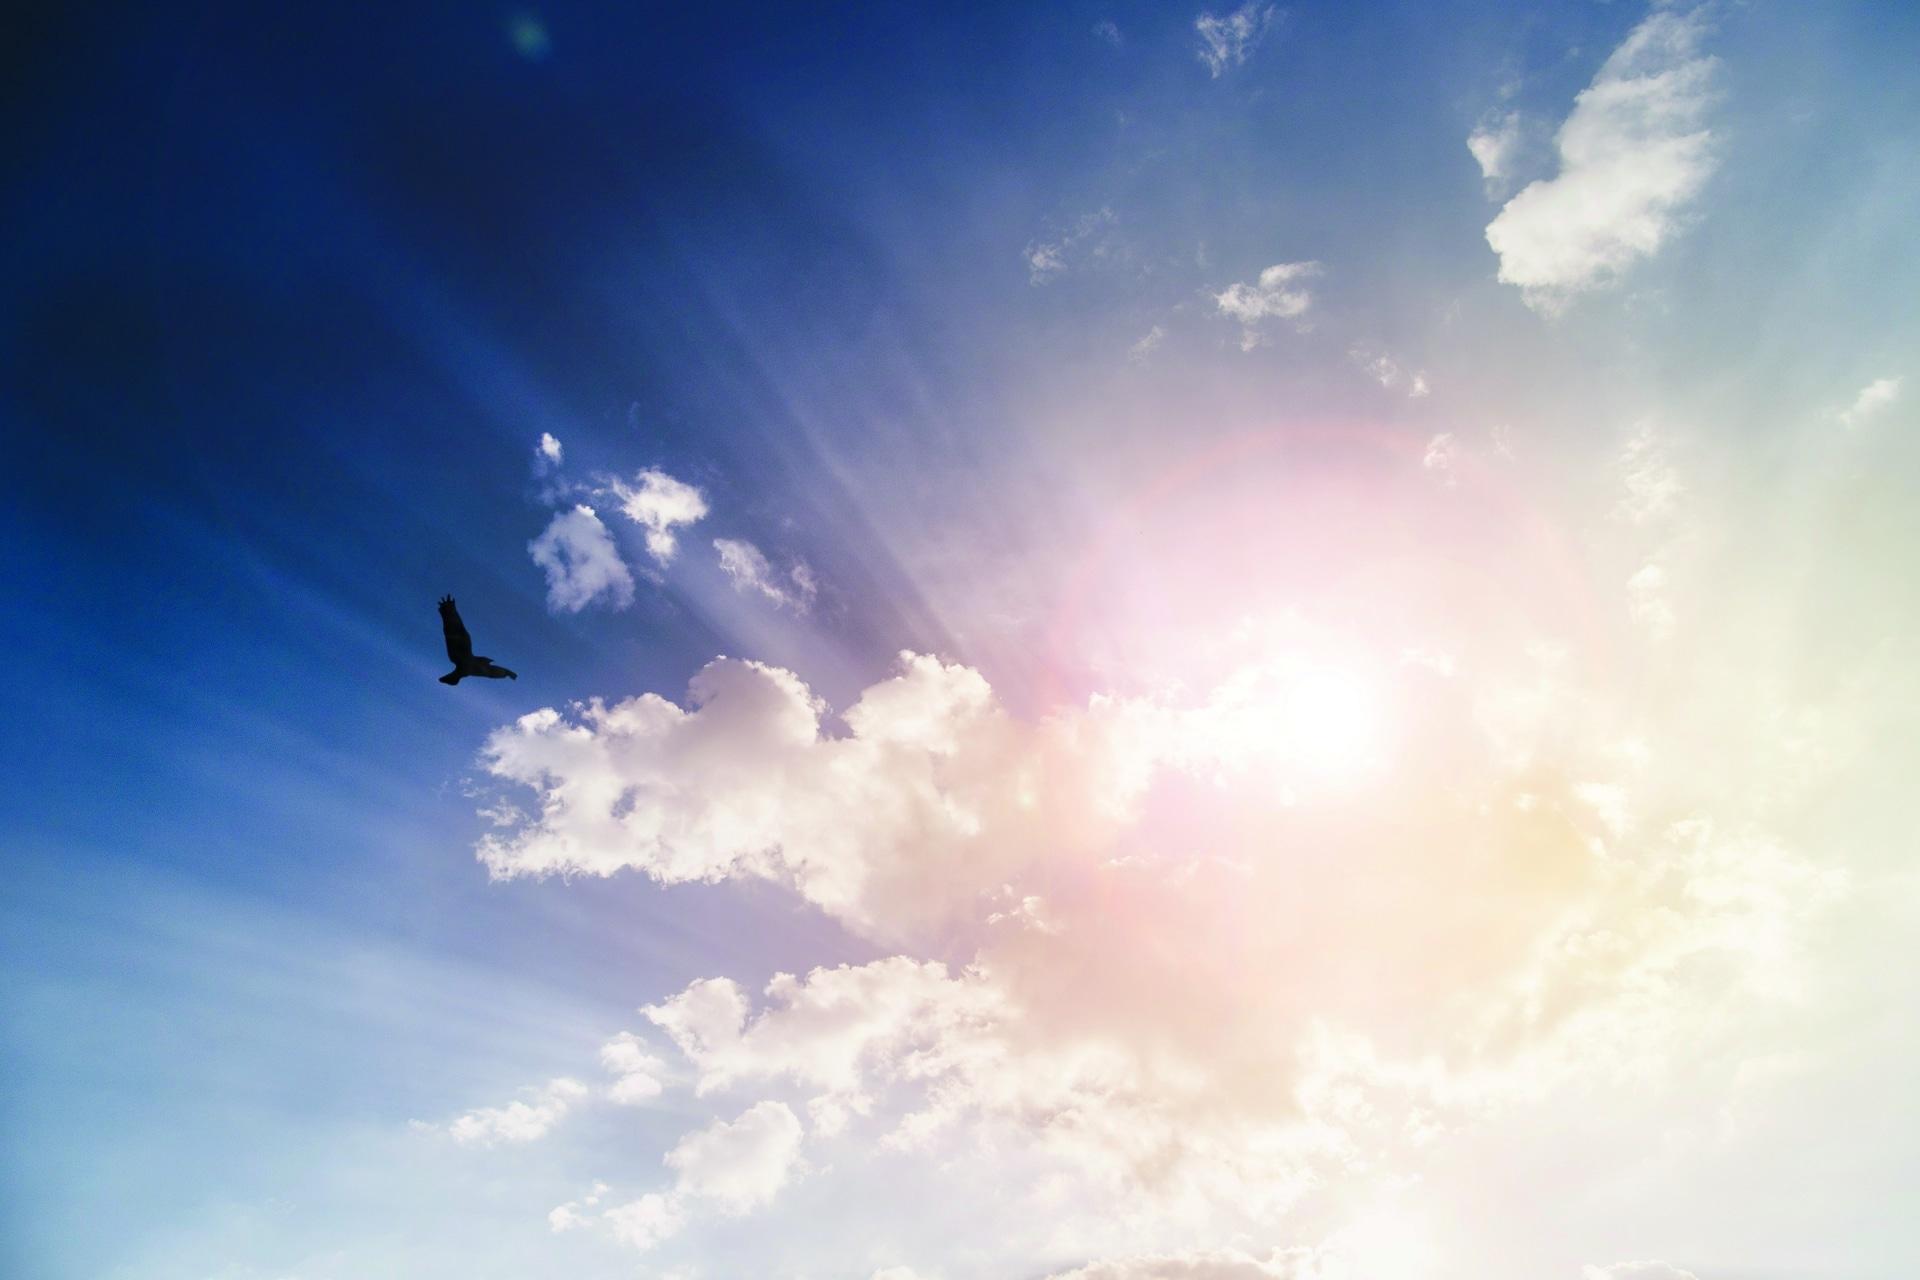 Himmel mit Sonnenstrahlen und einem Vogel